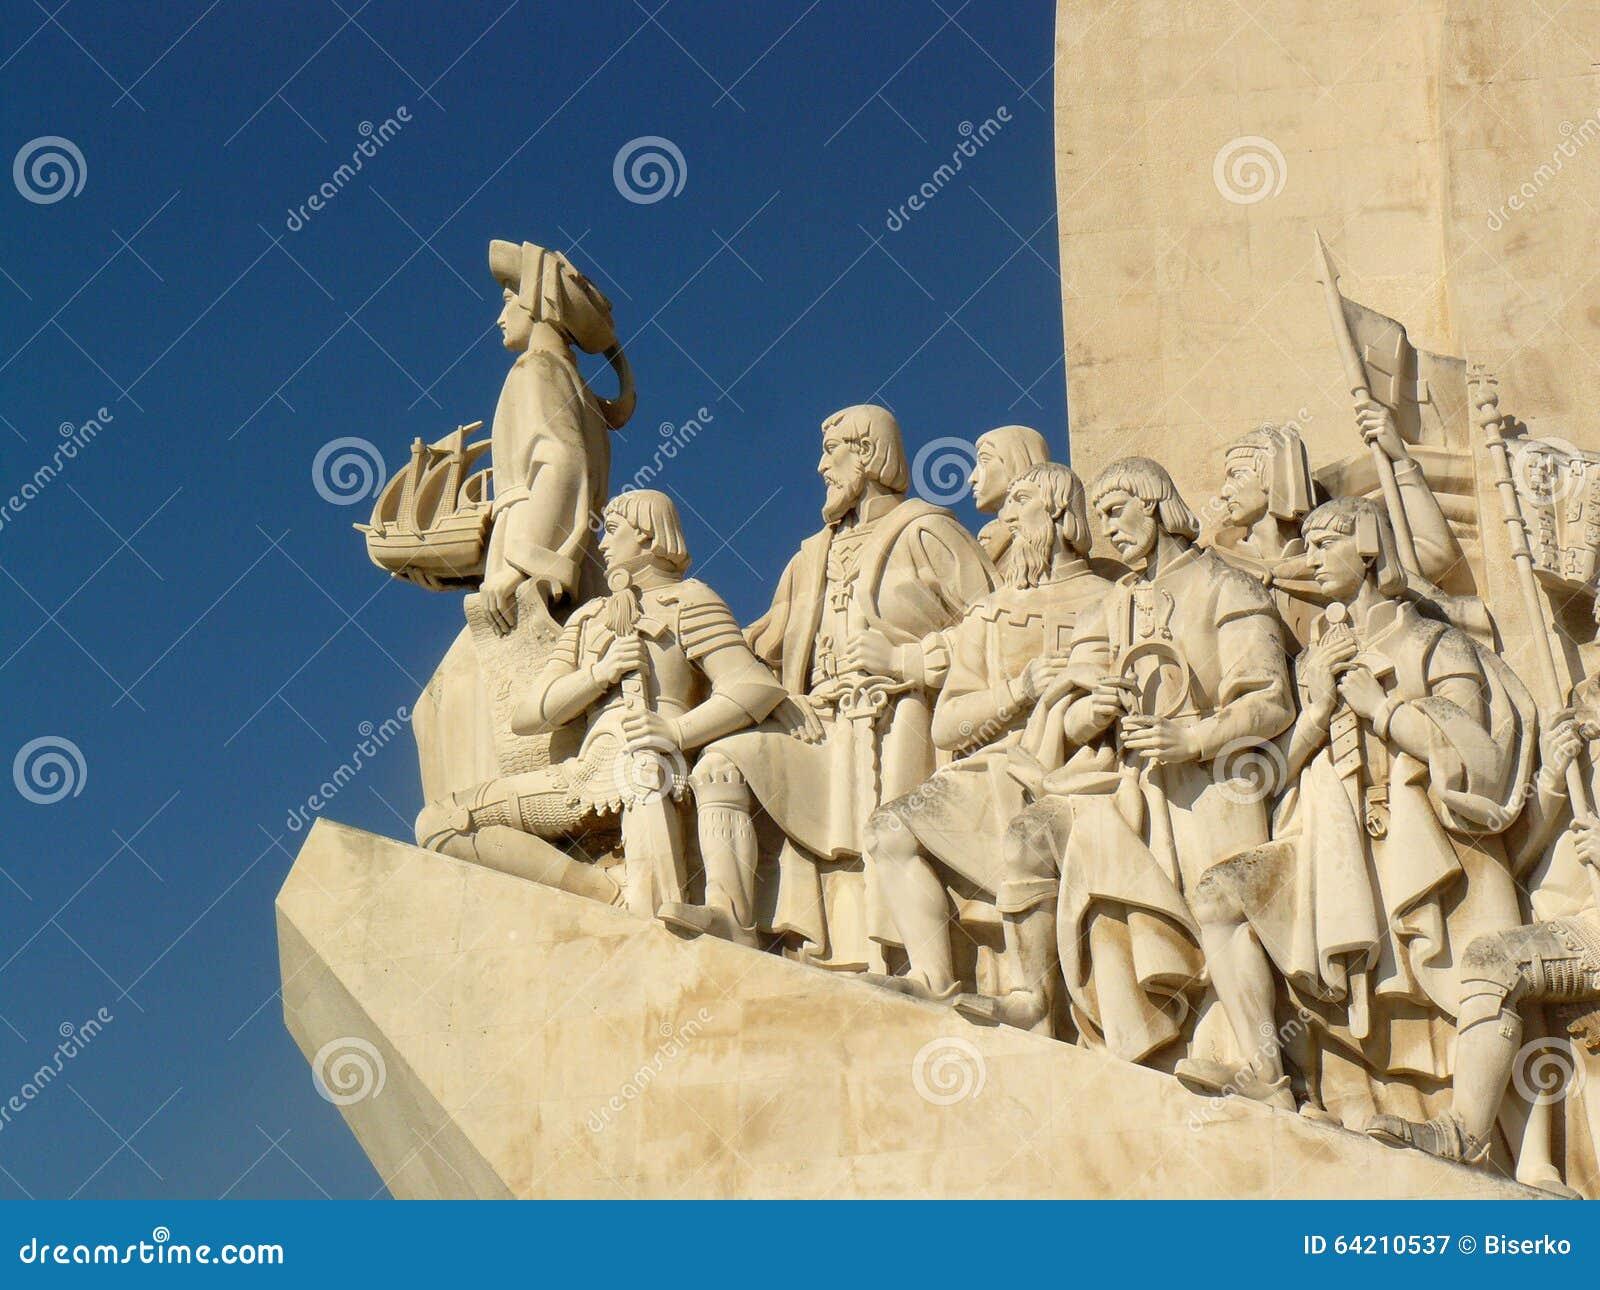 Monumento a los descubrimientos portugueses